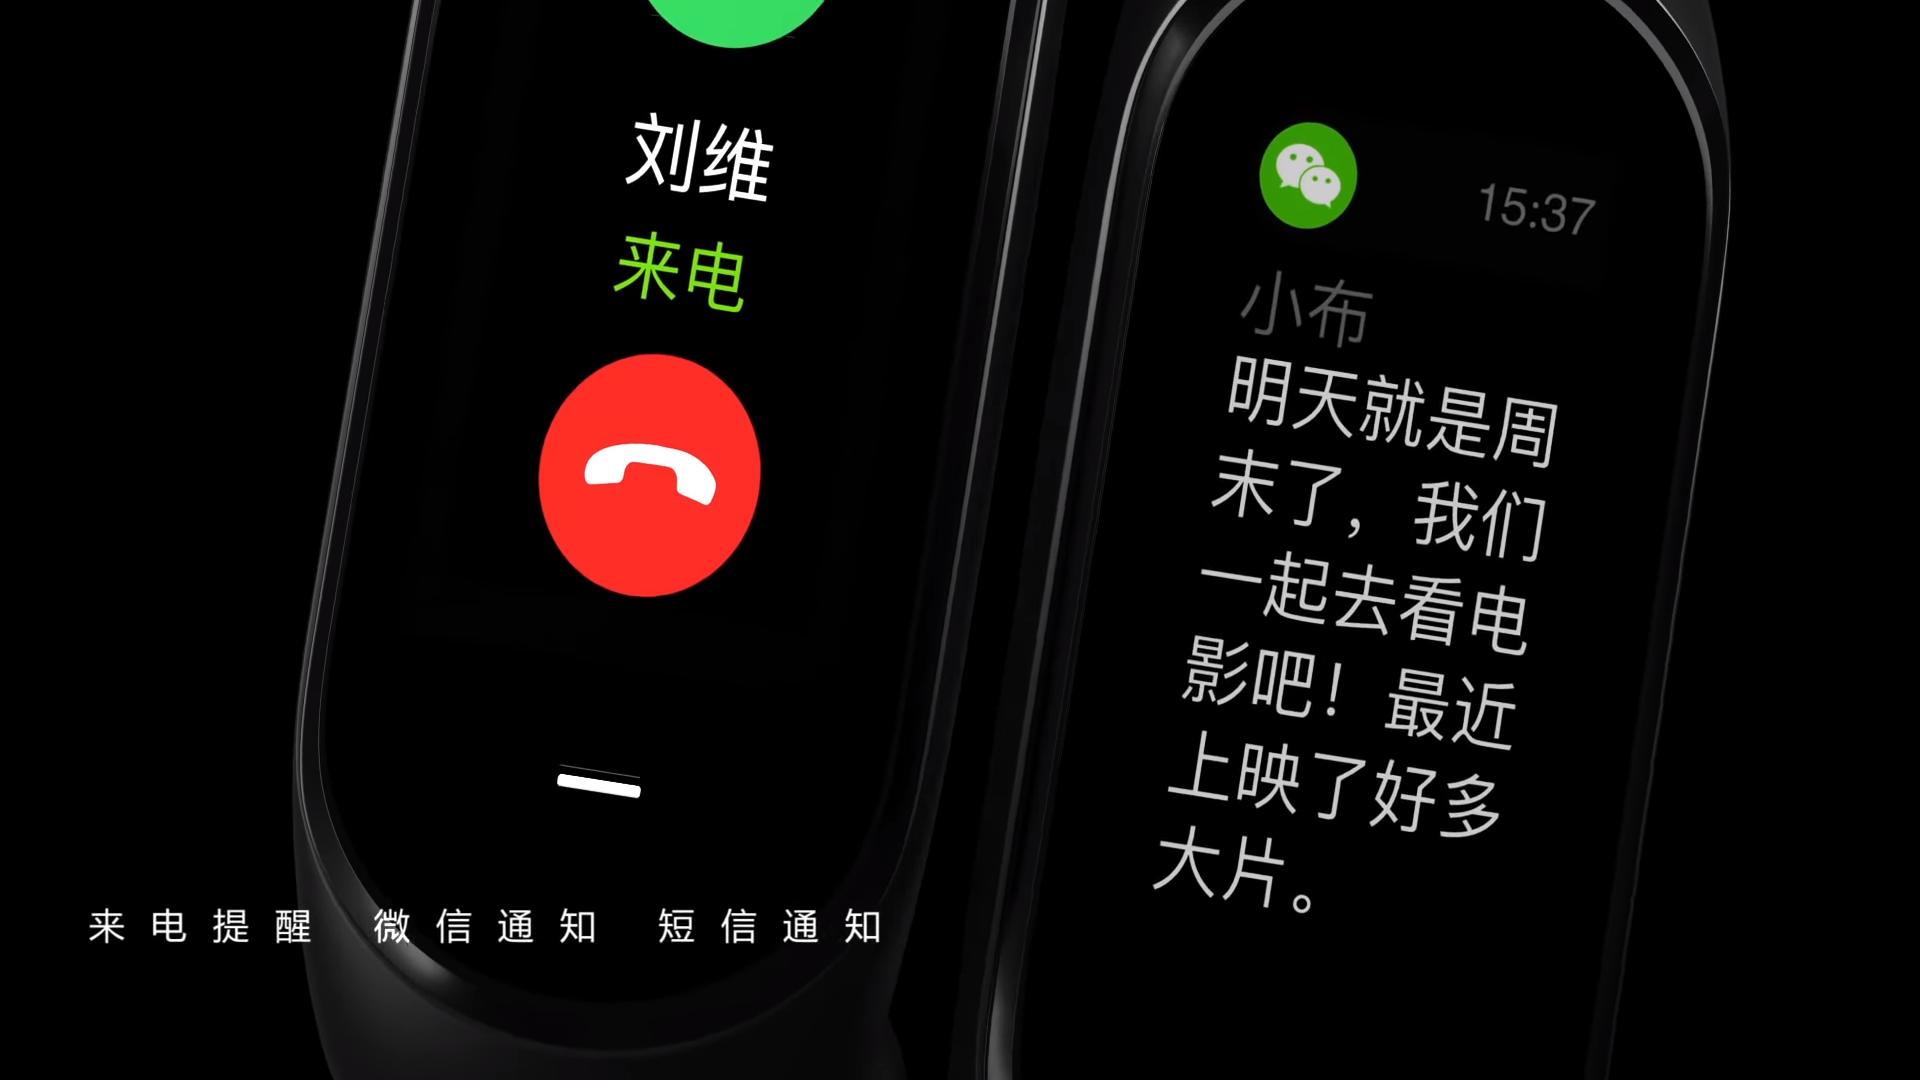 Xiaomi Mijia Hey Mi Band 3 Mit Schickem Amoled